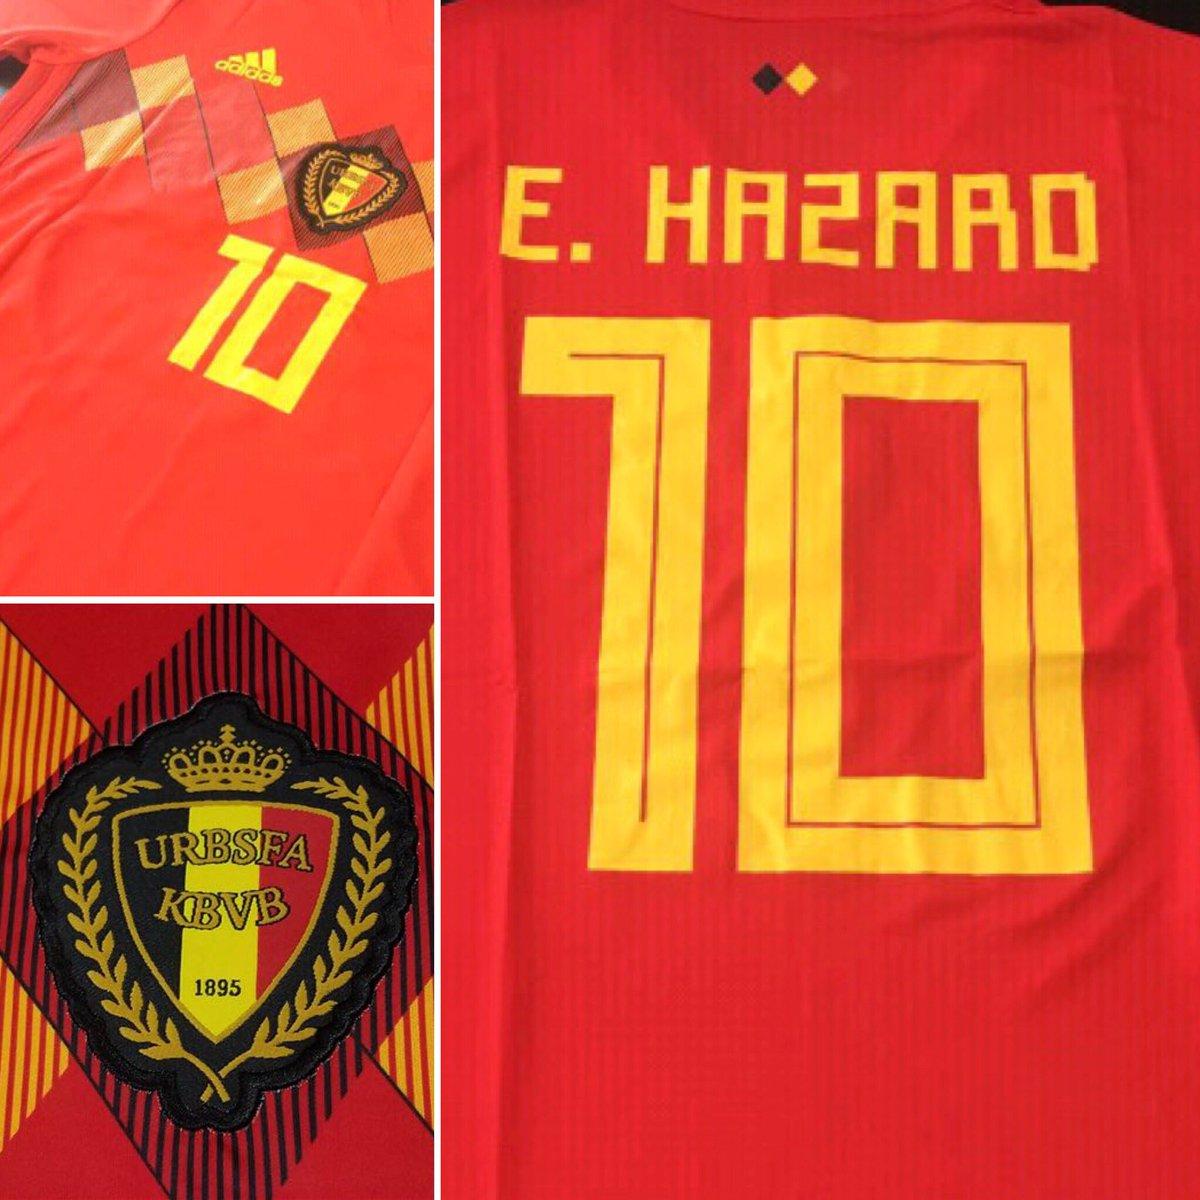 Sigue a @tdmas_cr dale RT a la imagen y participa por la camisa de Hazard. Sorteo esta noche